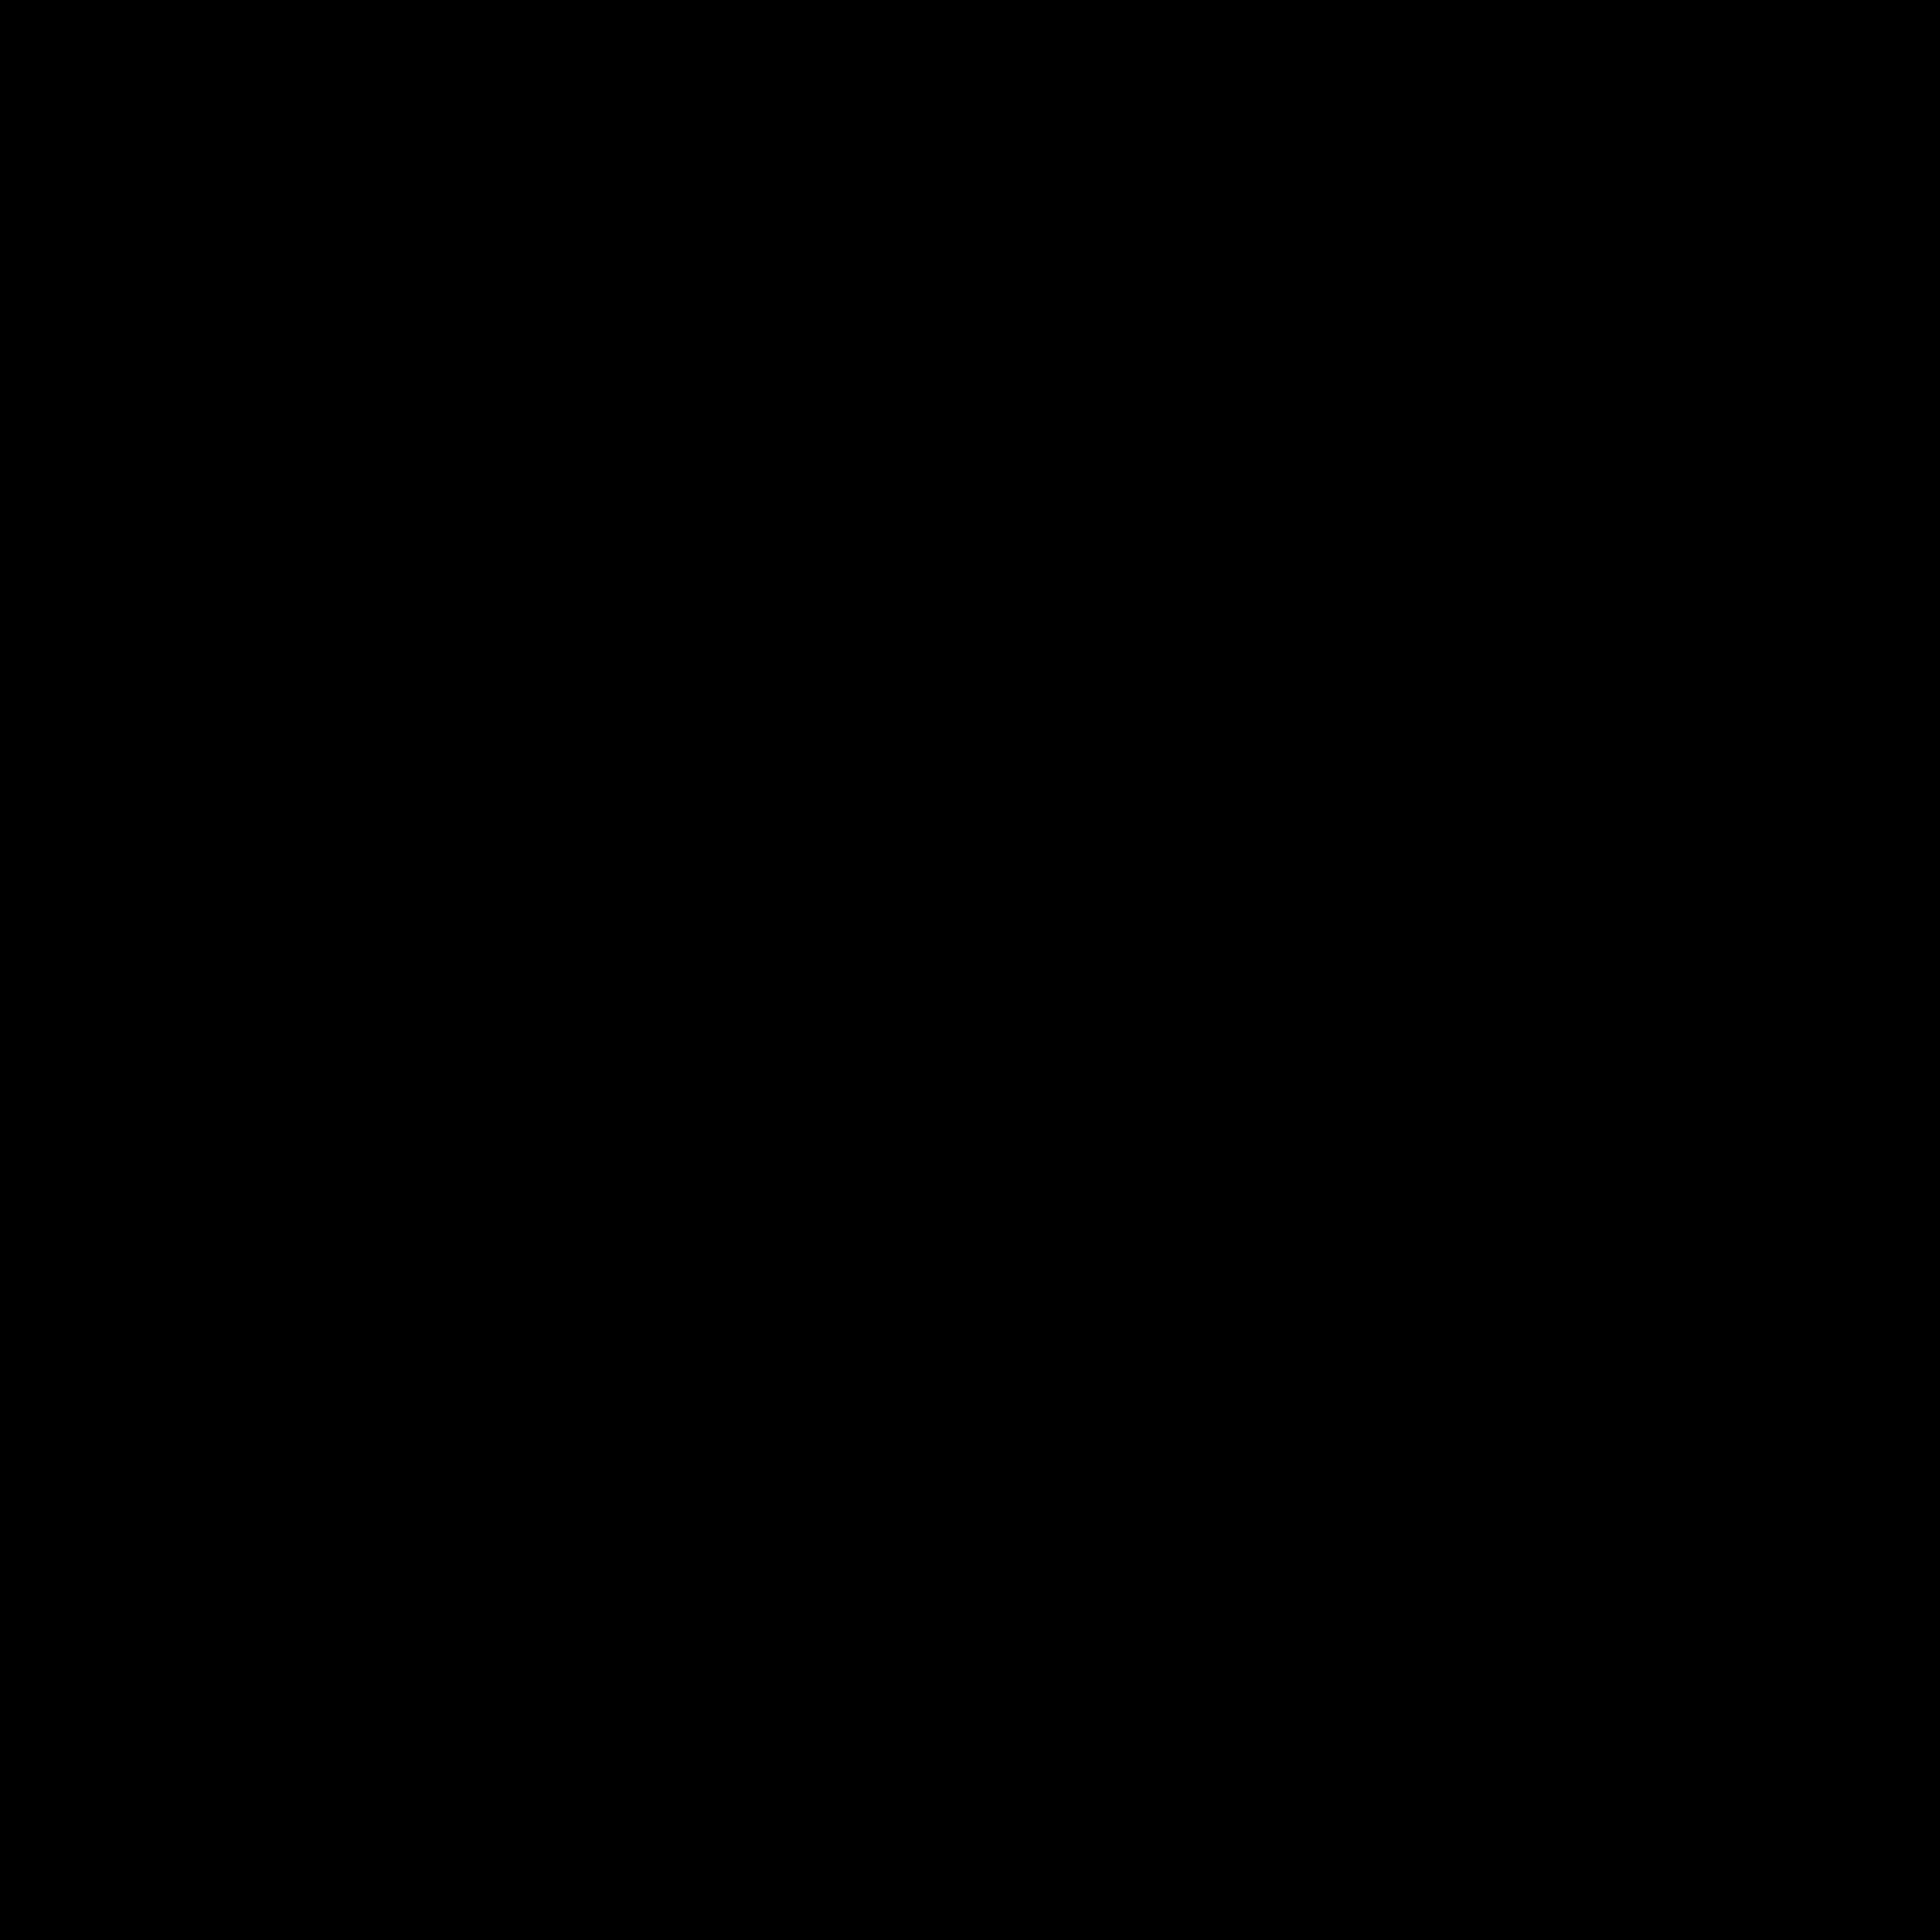 banner freeuse stock linkedin svg black and white #114220970